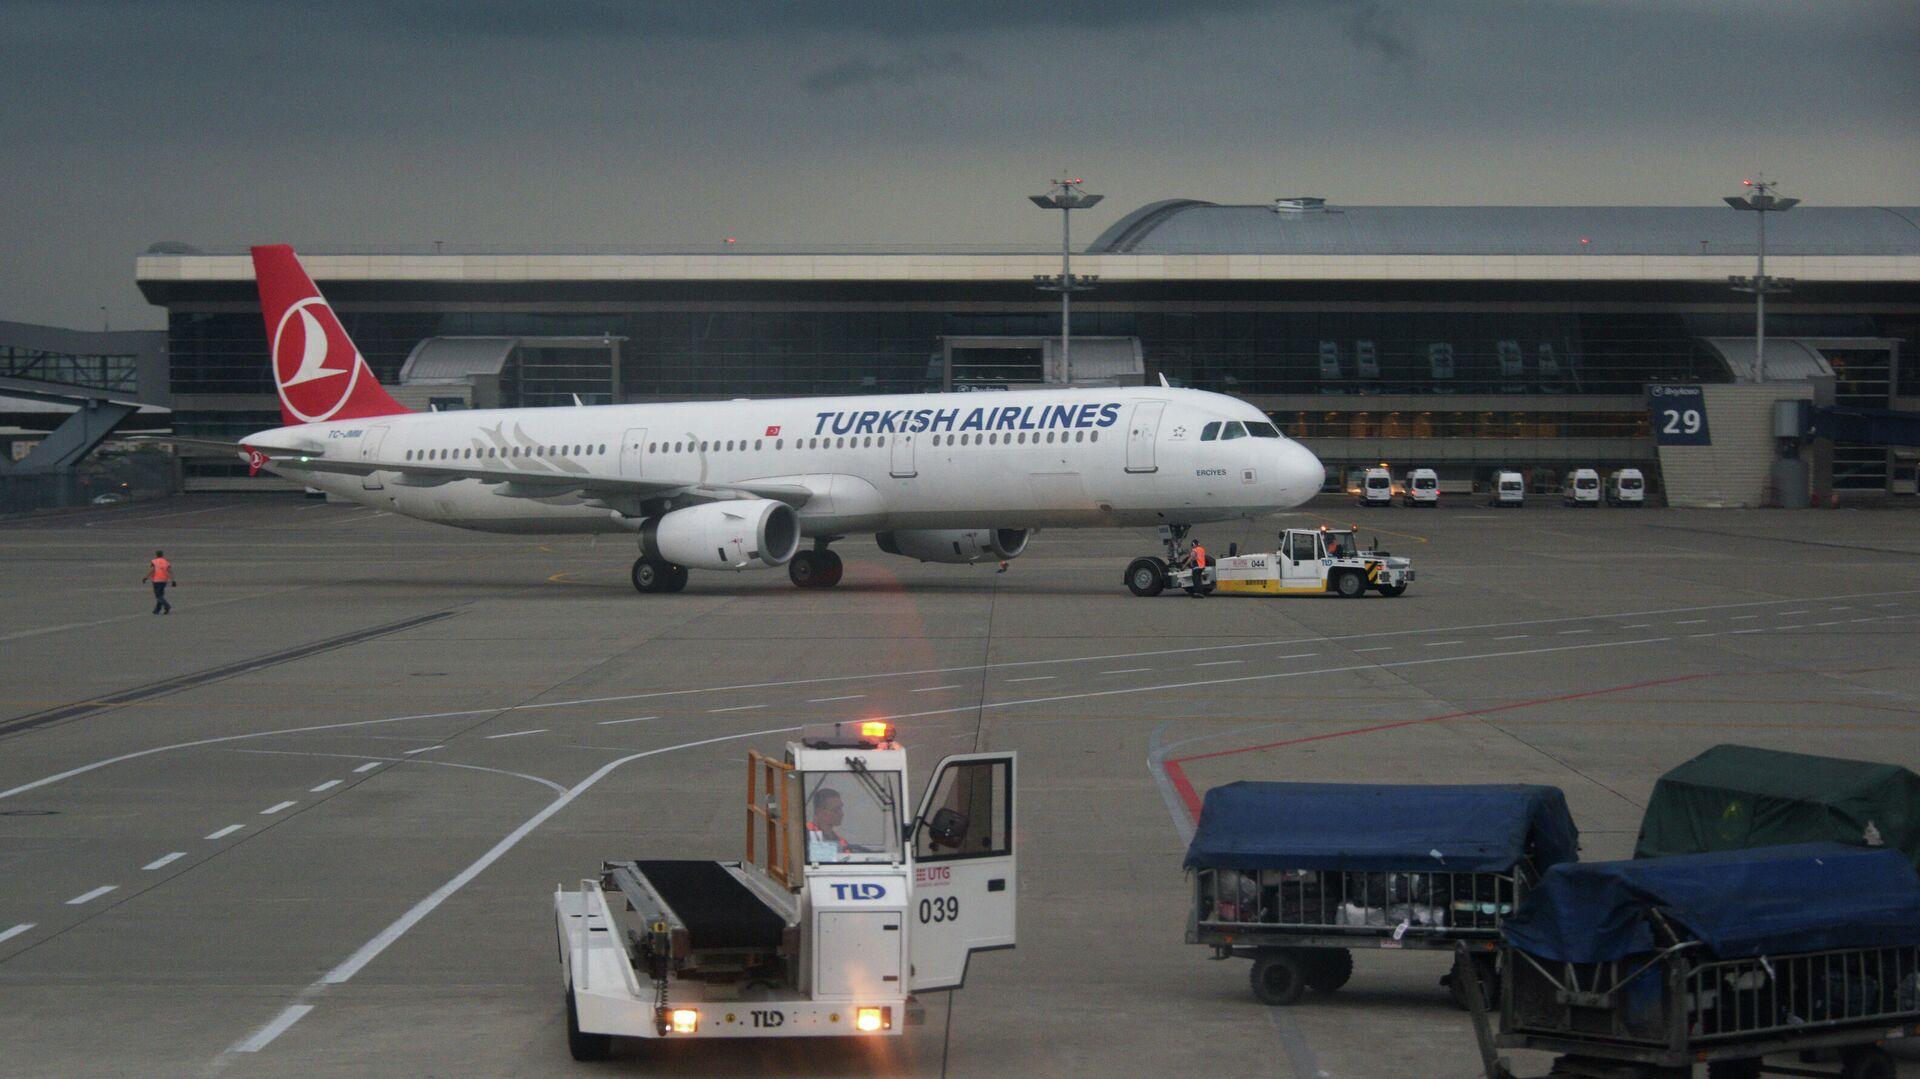 Самолет Airbus A321 авиакомпании Turkish Airlines в аэропорту Внуково в Москве - РИА Новости, 1920, 18.06.2021